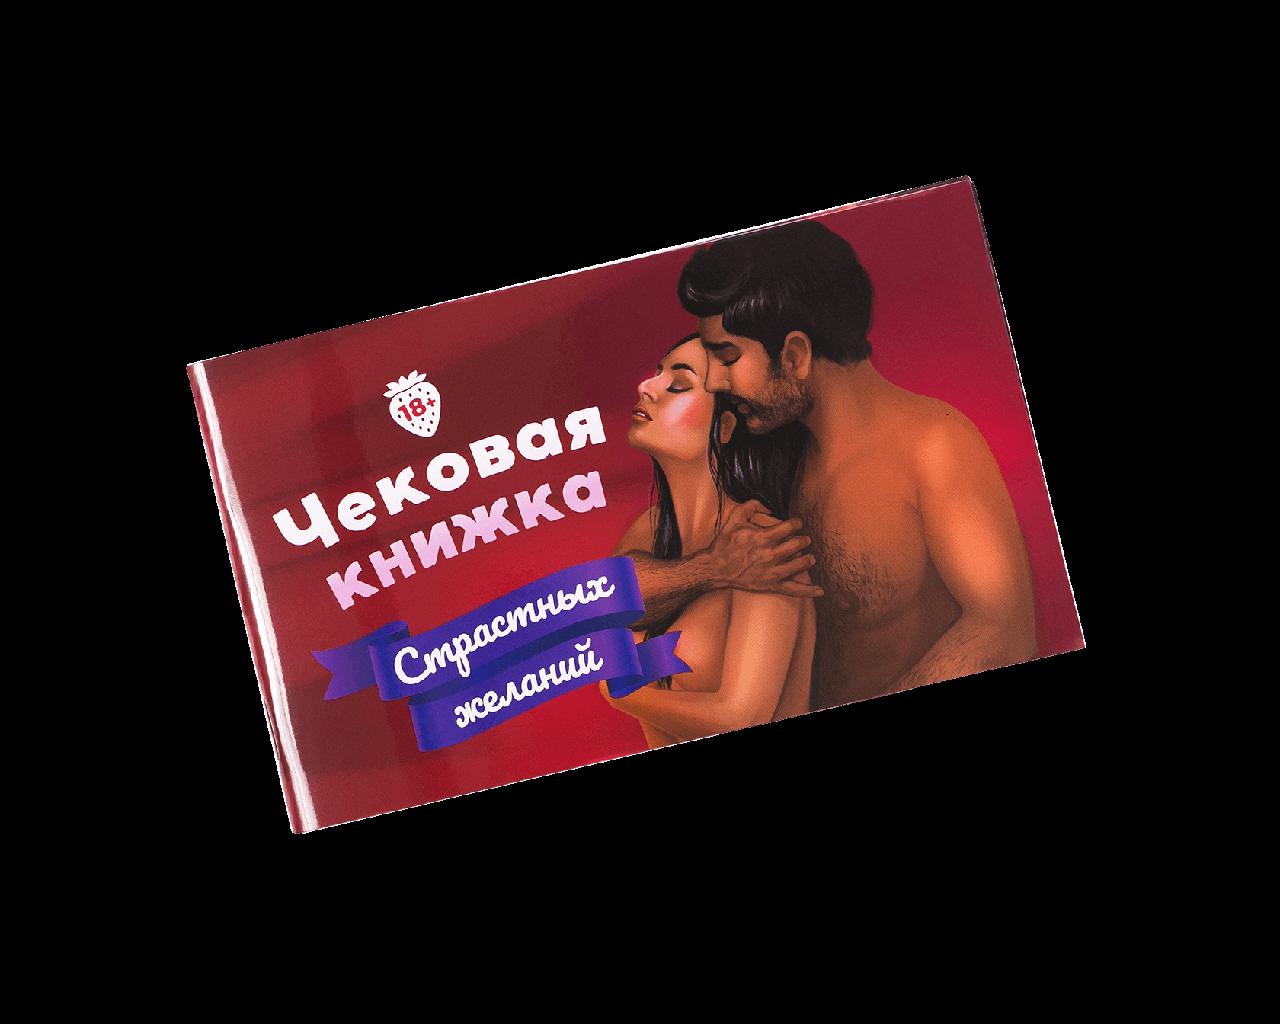 Чековая книжка страстных желаний (18+)